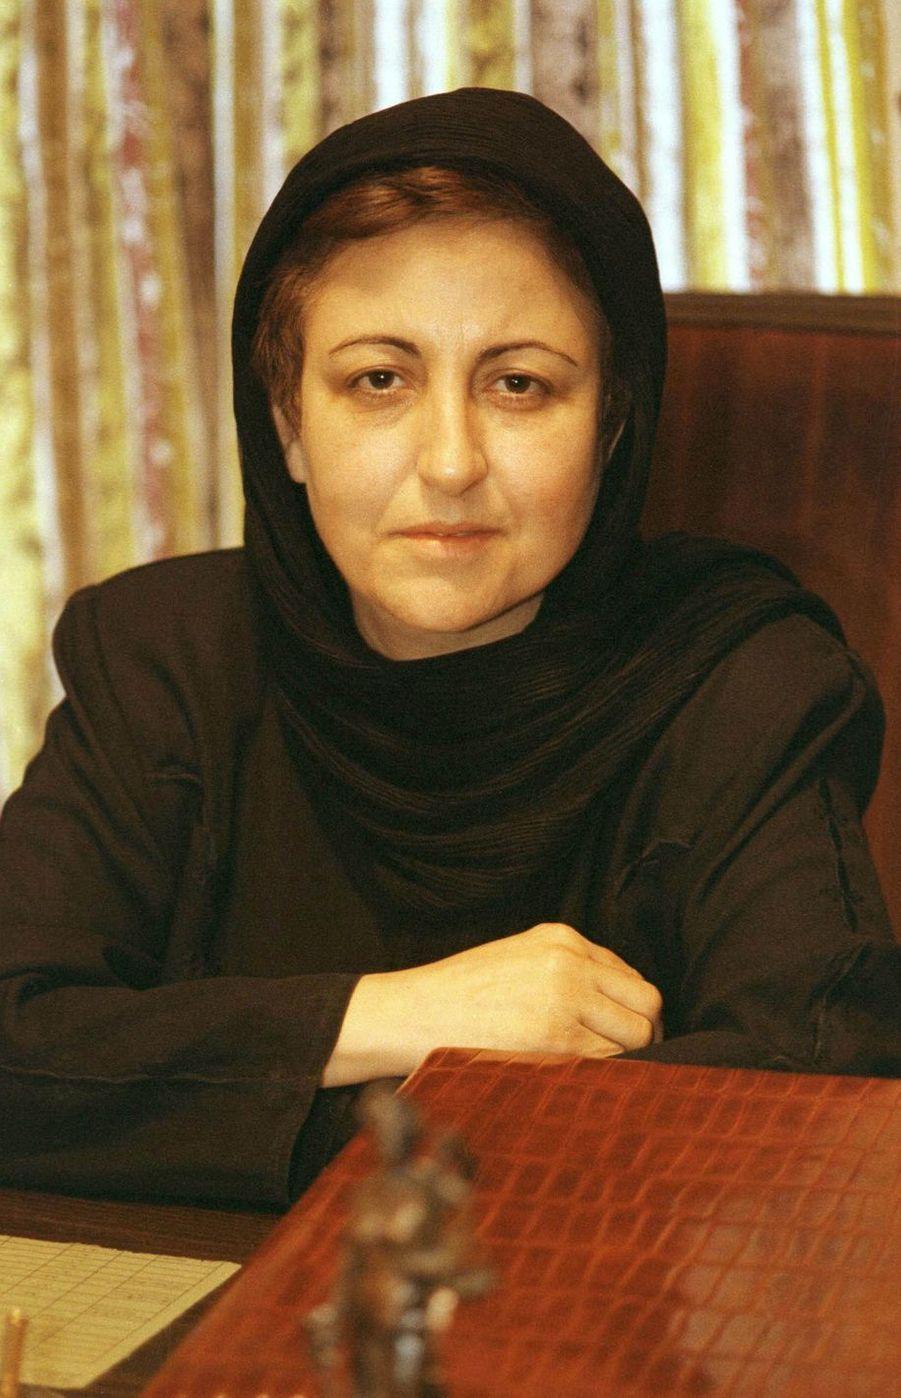 En 2003, Shirin Ebadi (71 ans), première femme juge en Iran, reçoit le prix Nobel de la paix pour son engagement en faveur des droits humains.